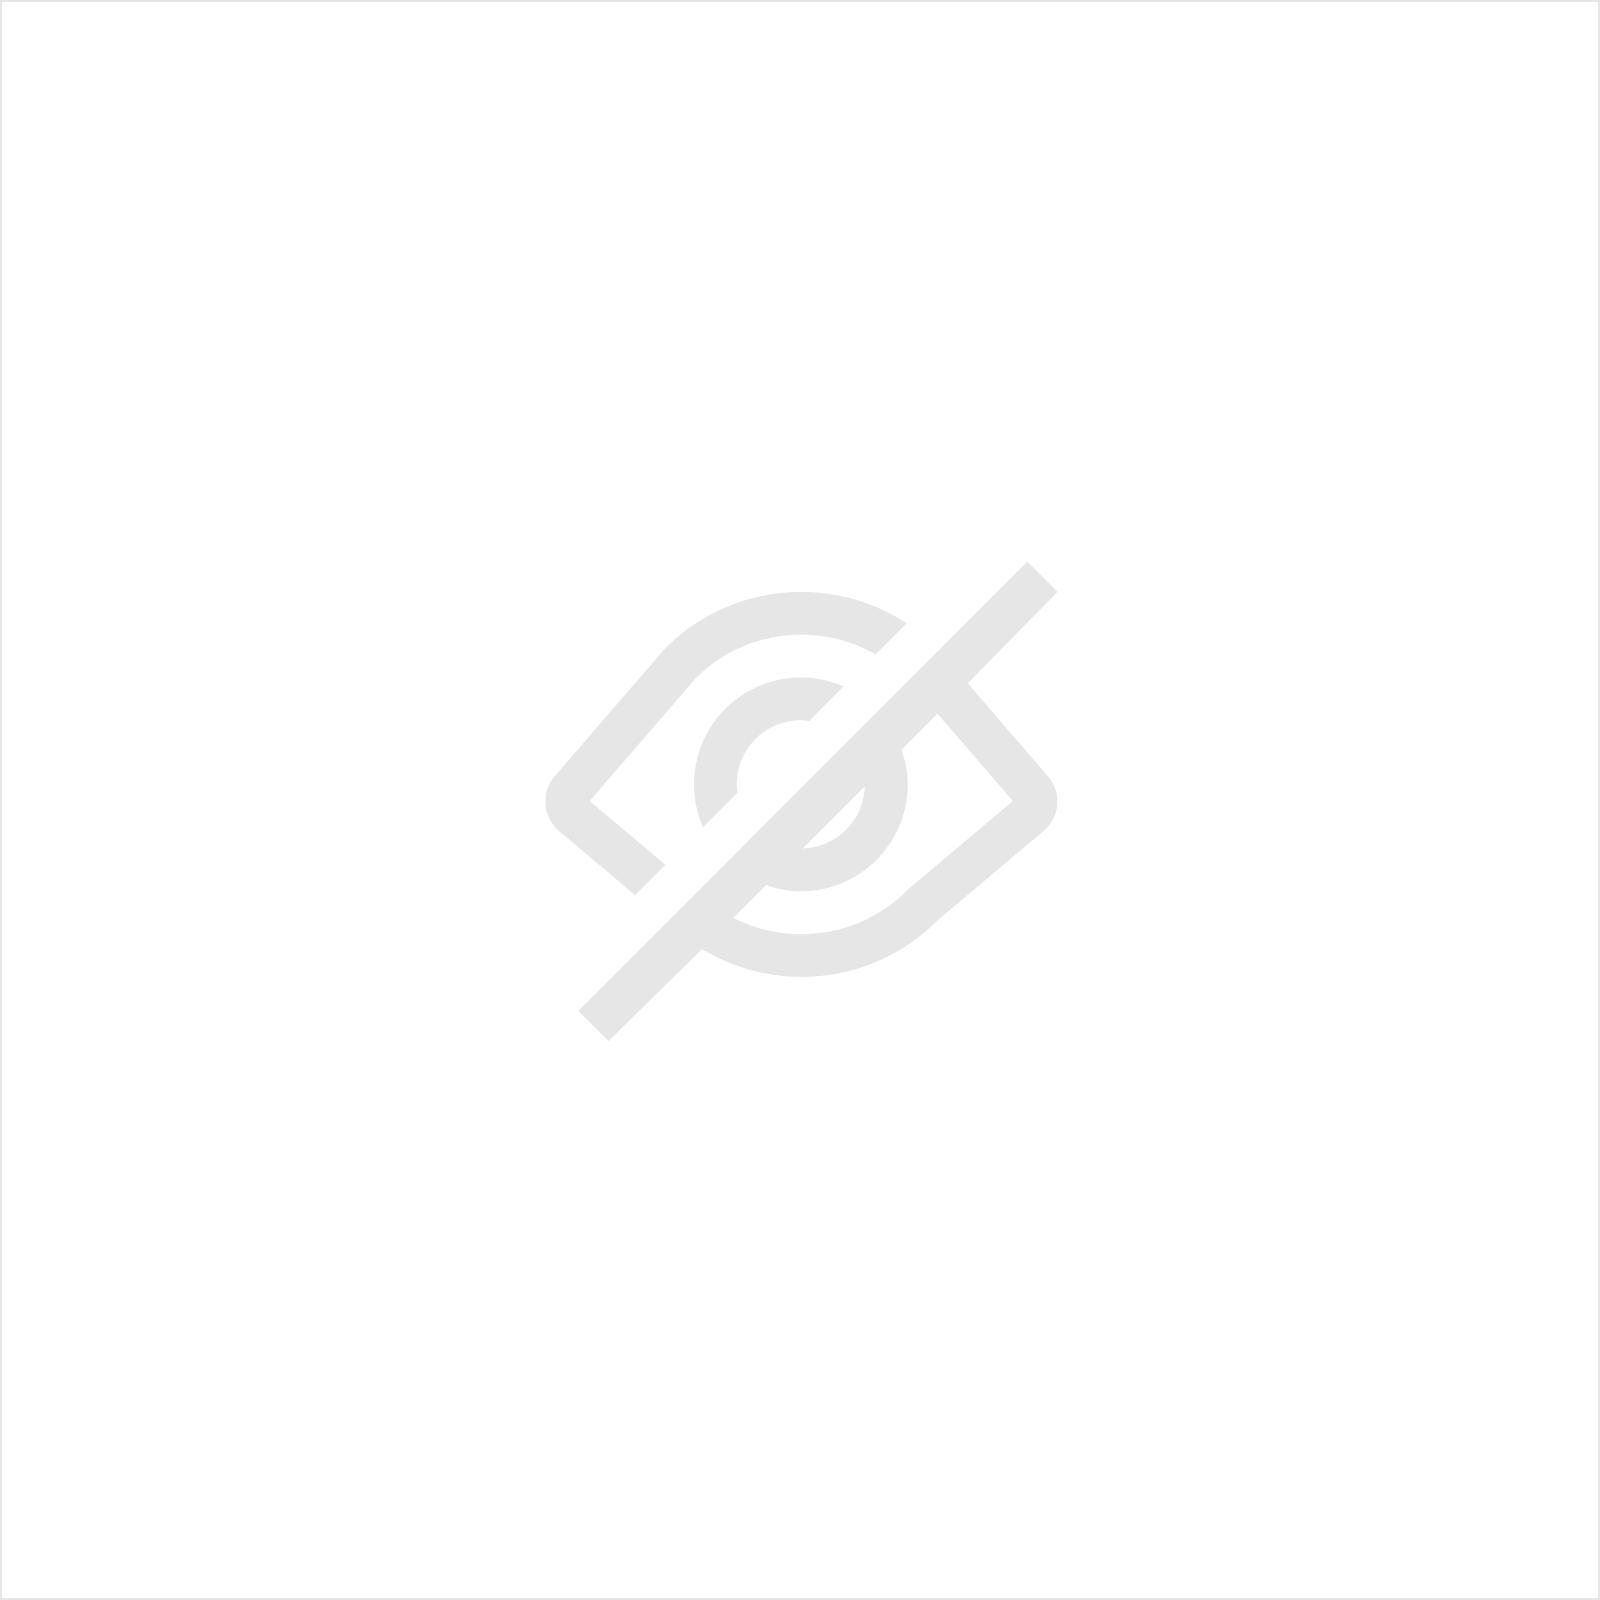 BANKSCHROEF DRAAIBAAR MET KANTELFUNKTIE 125MM